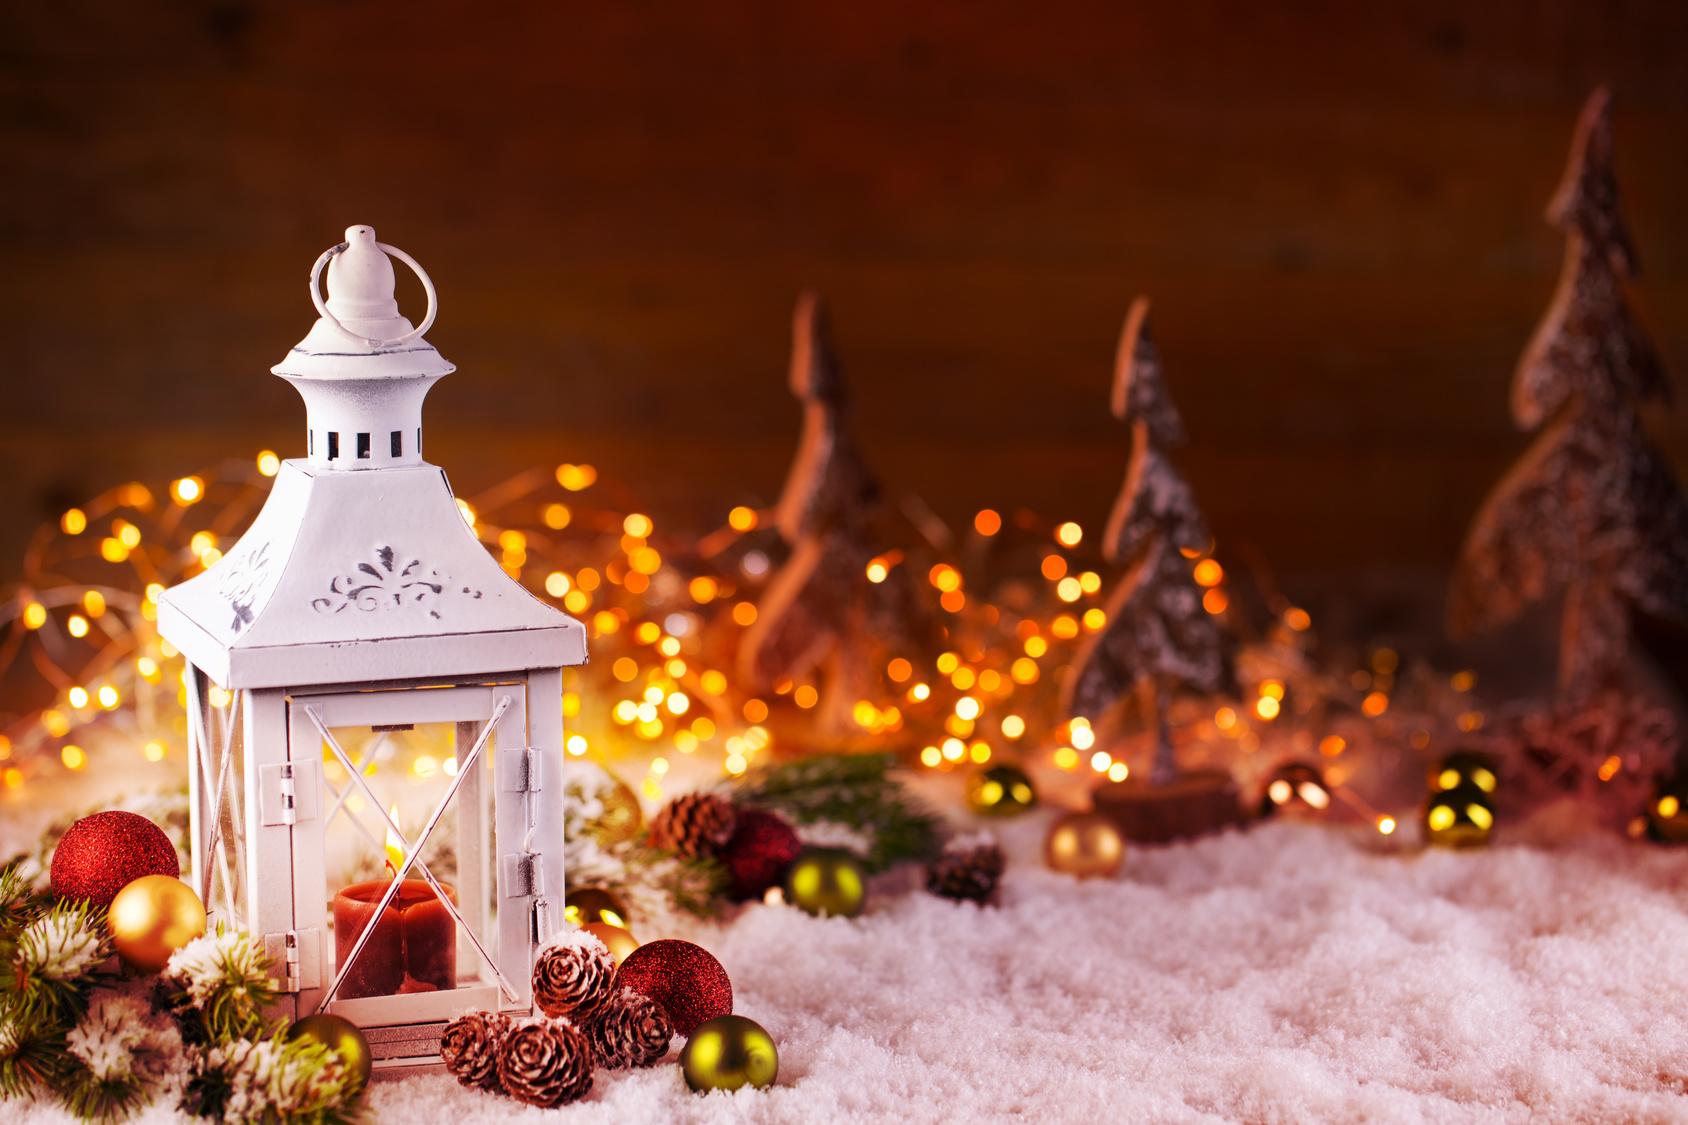 weihnachten im hartz iv regelsatz nicht vorgesehen. Black Bedroom Furniture Sets. Home Design Ideas